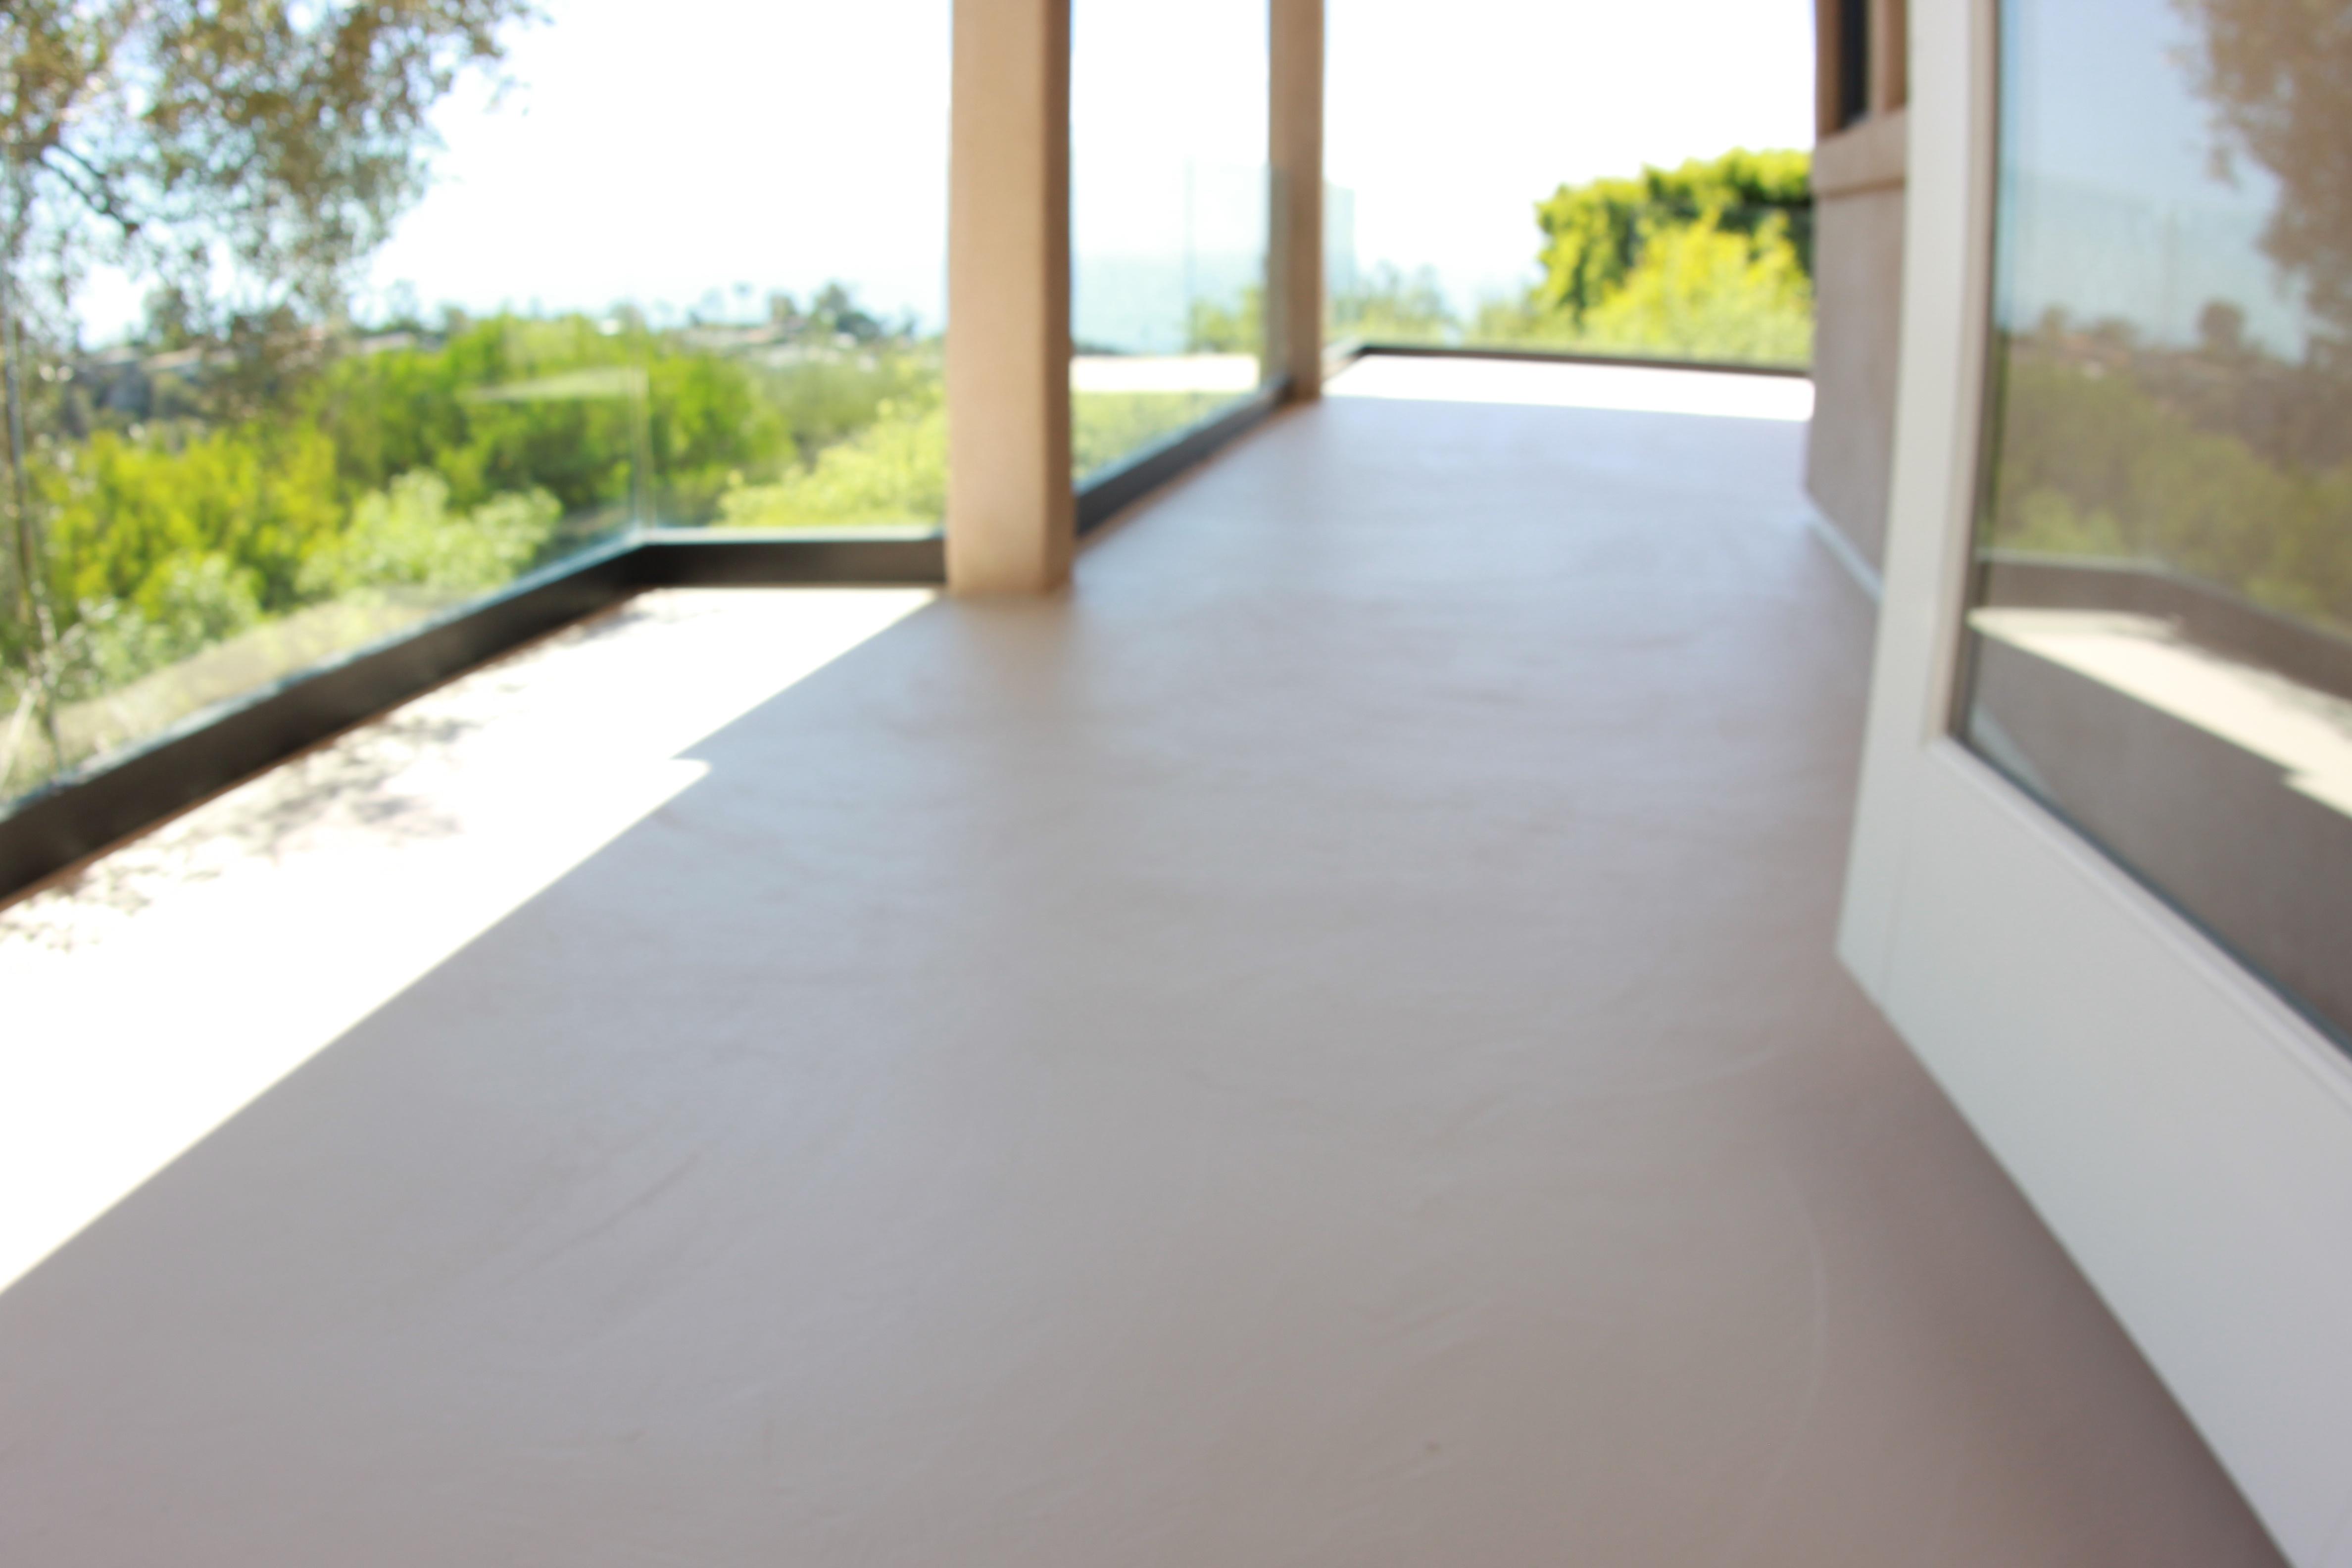 Cementitious Waterproofing Coating : Waterproof a leaky deck decking waterproofing coatings